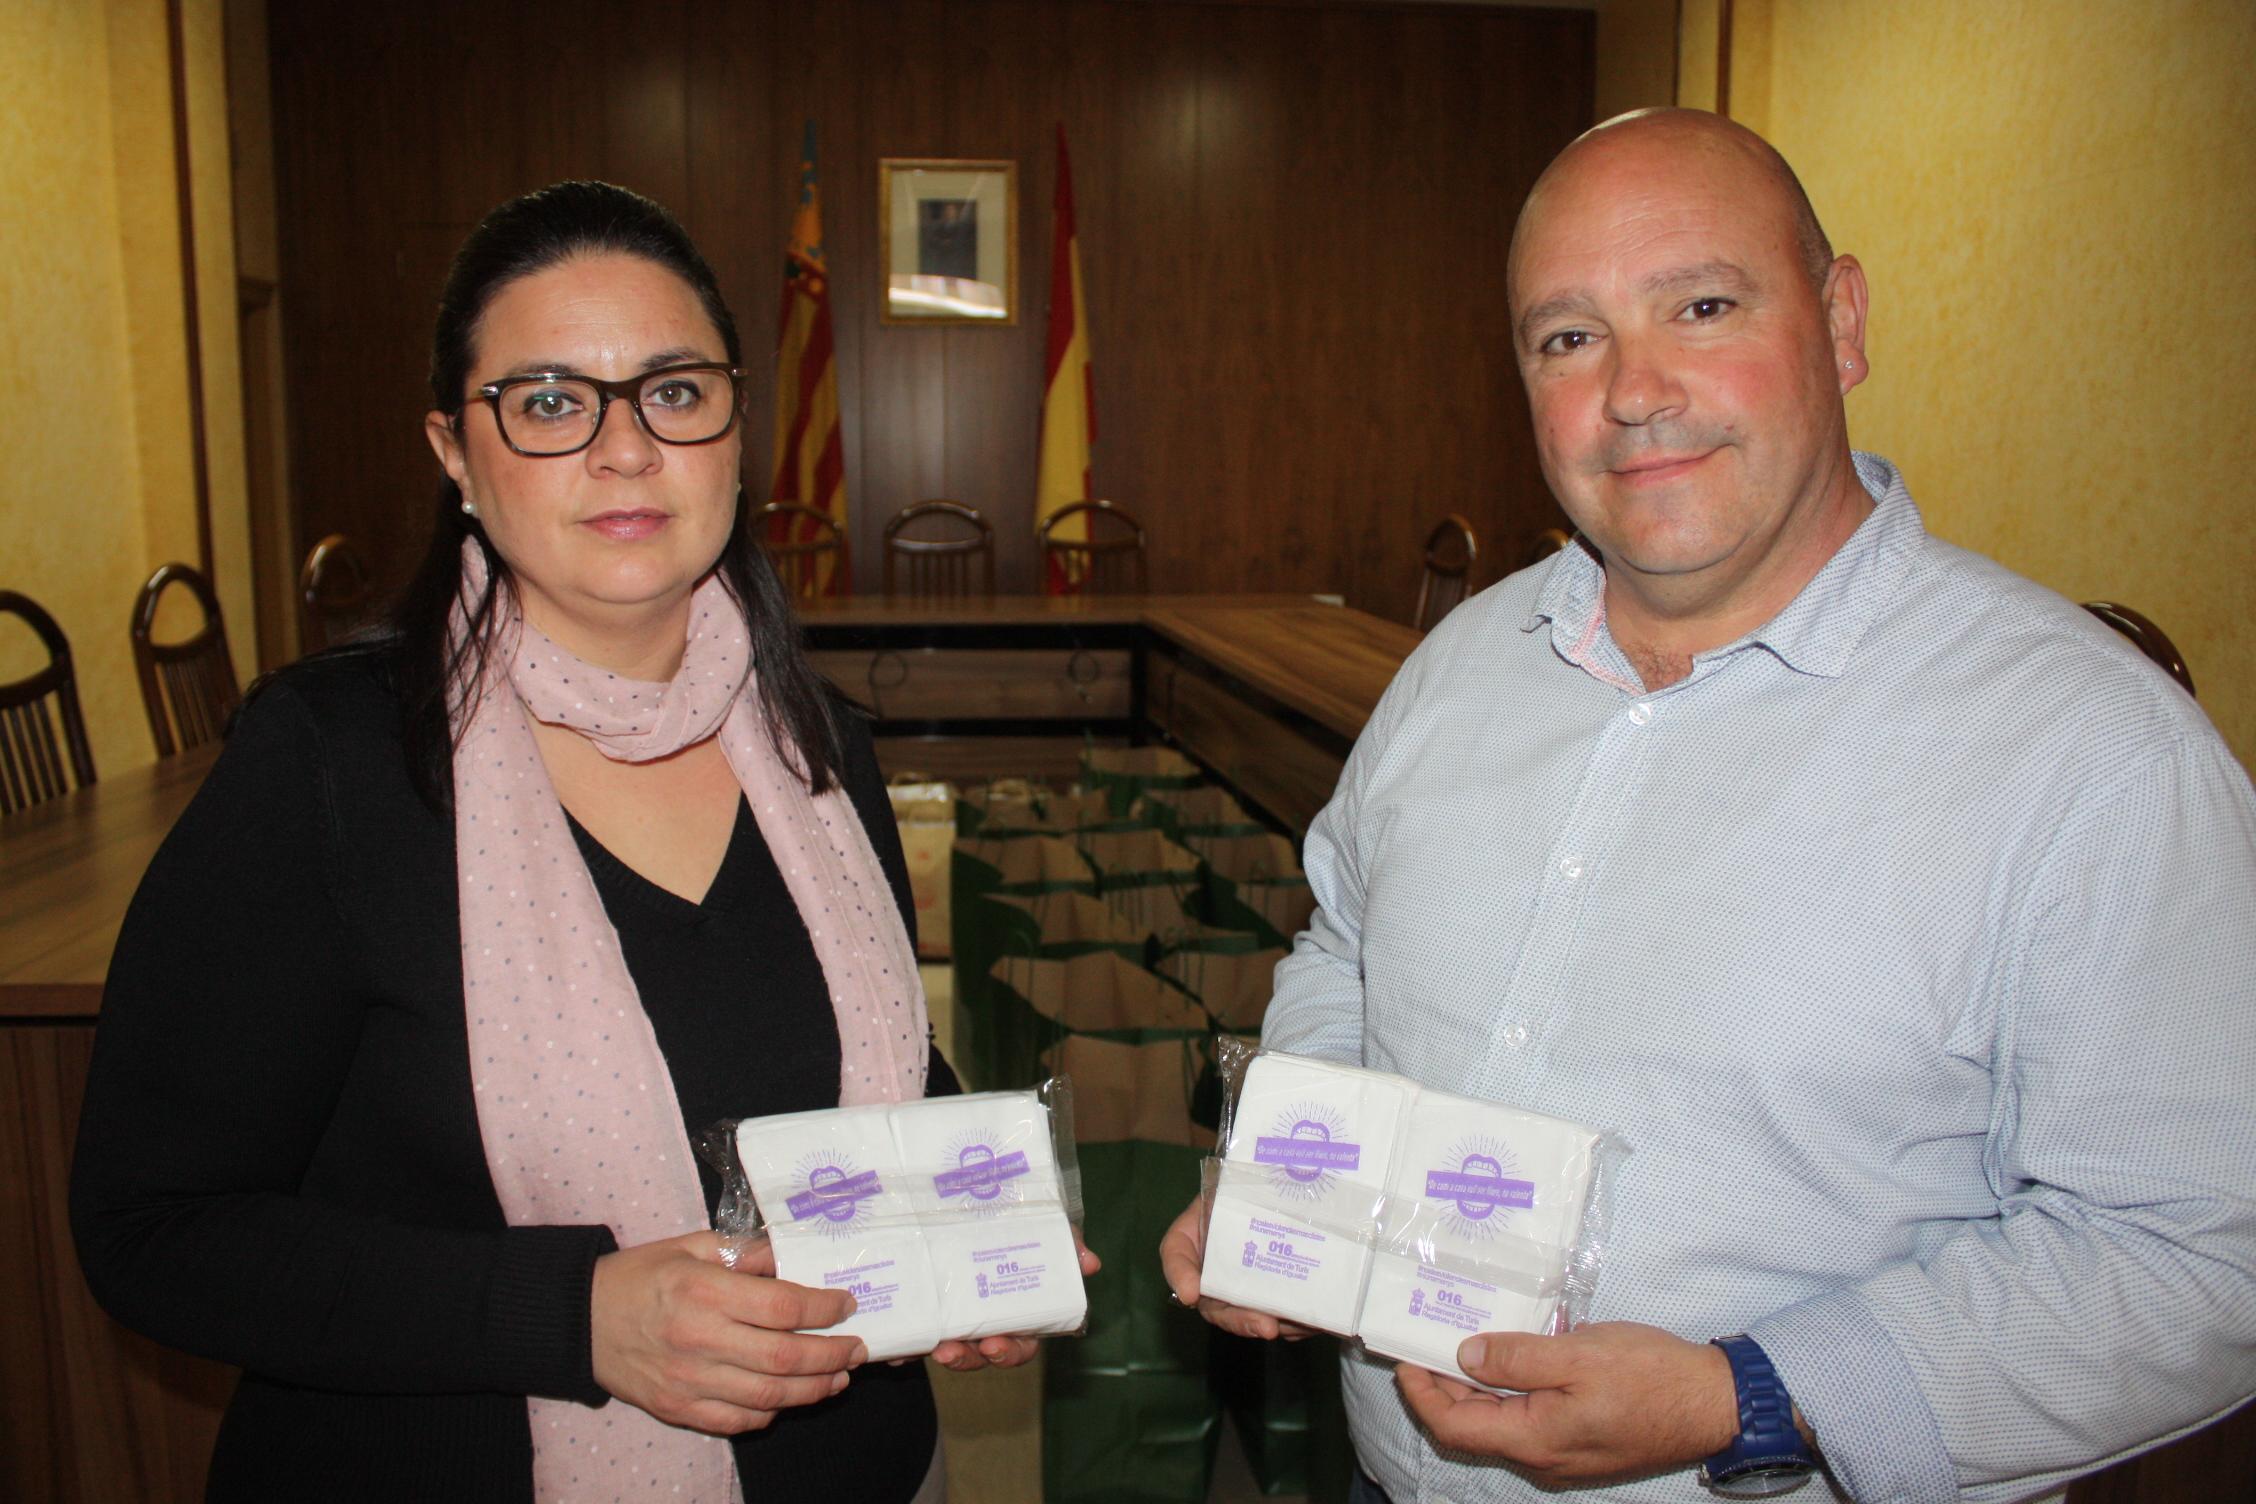 El Alcalde de Turís, Eugenio Fortaña, y la concejala de Bienestar Social y Mujer, Núria Montero.